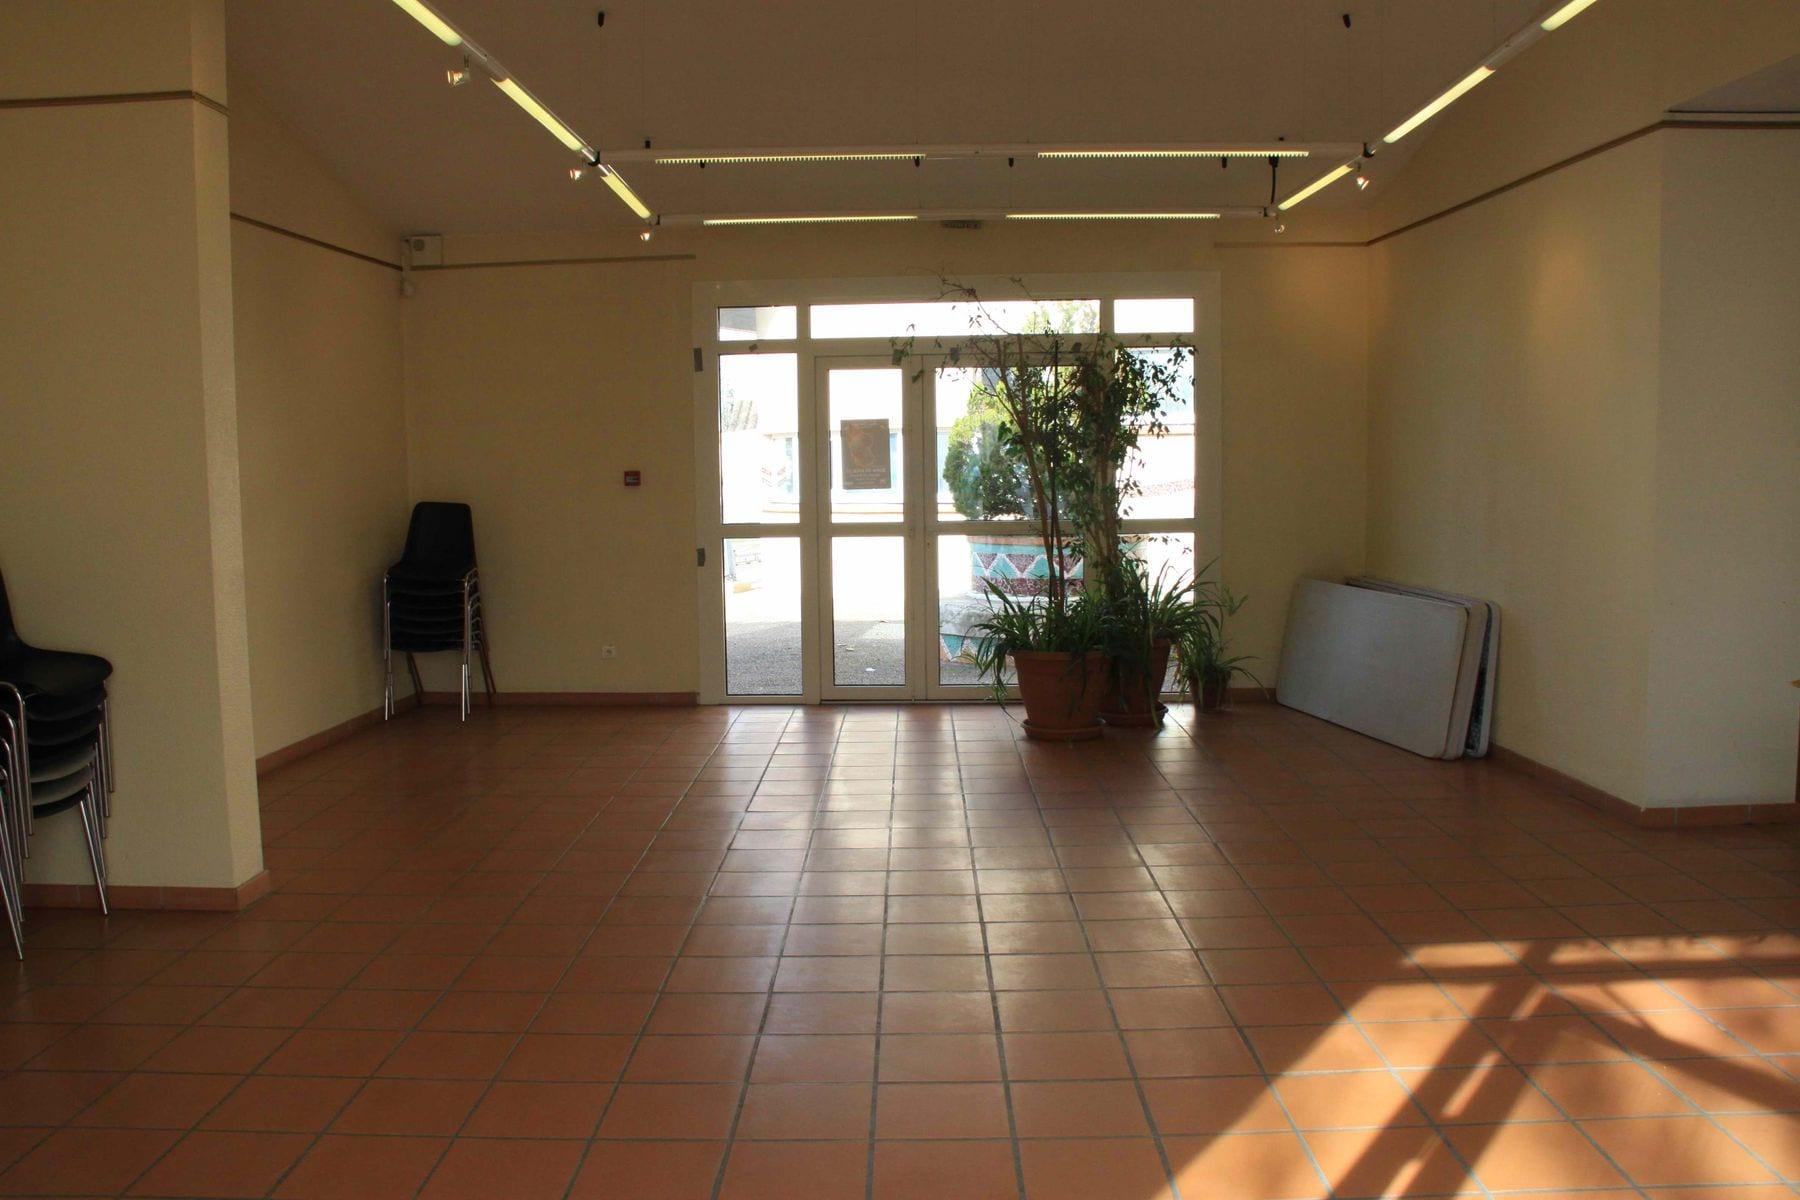 Intérieur de la salle (3)